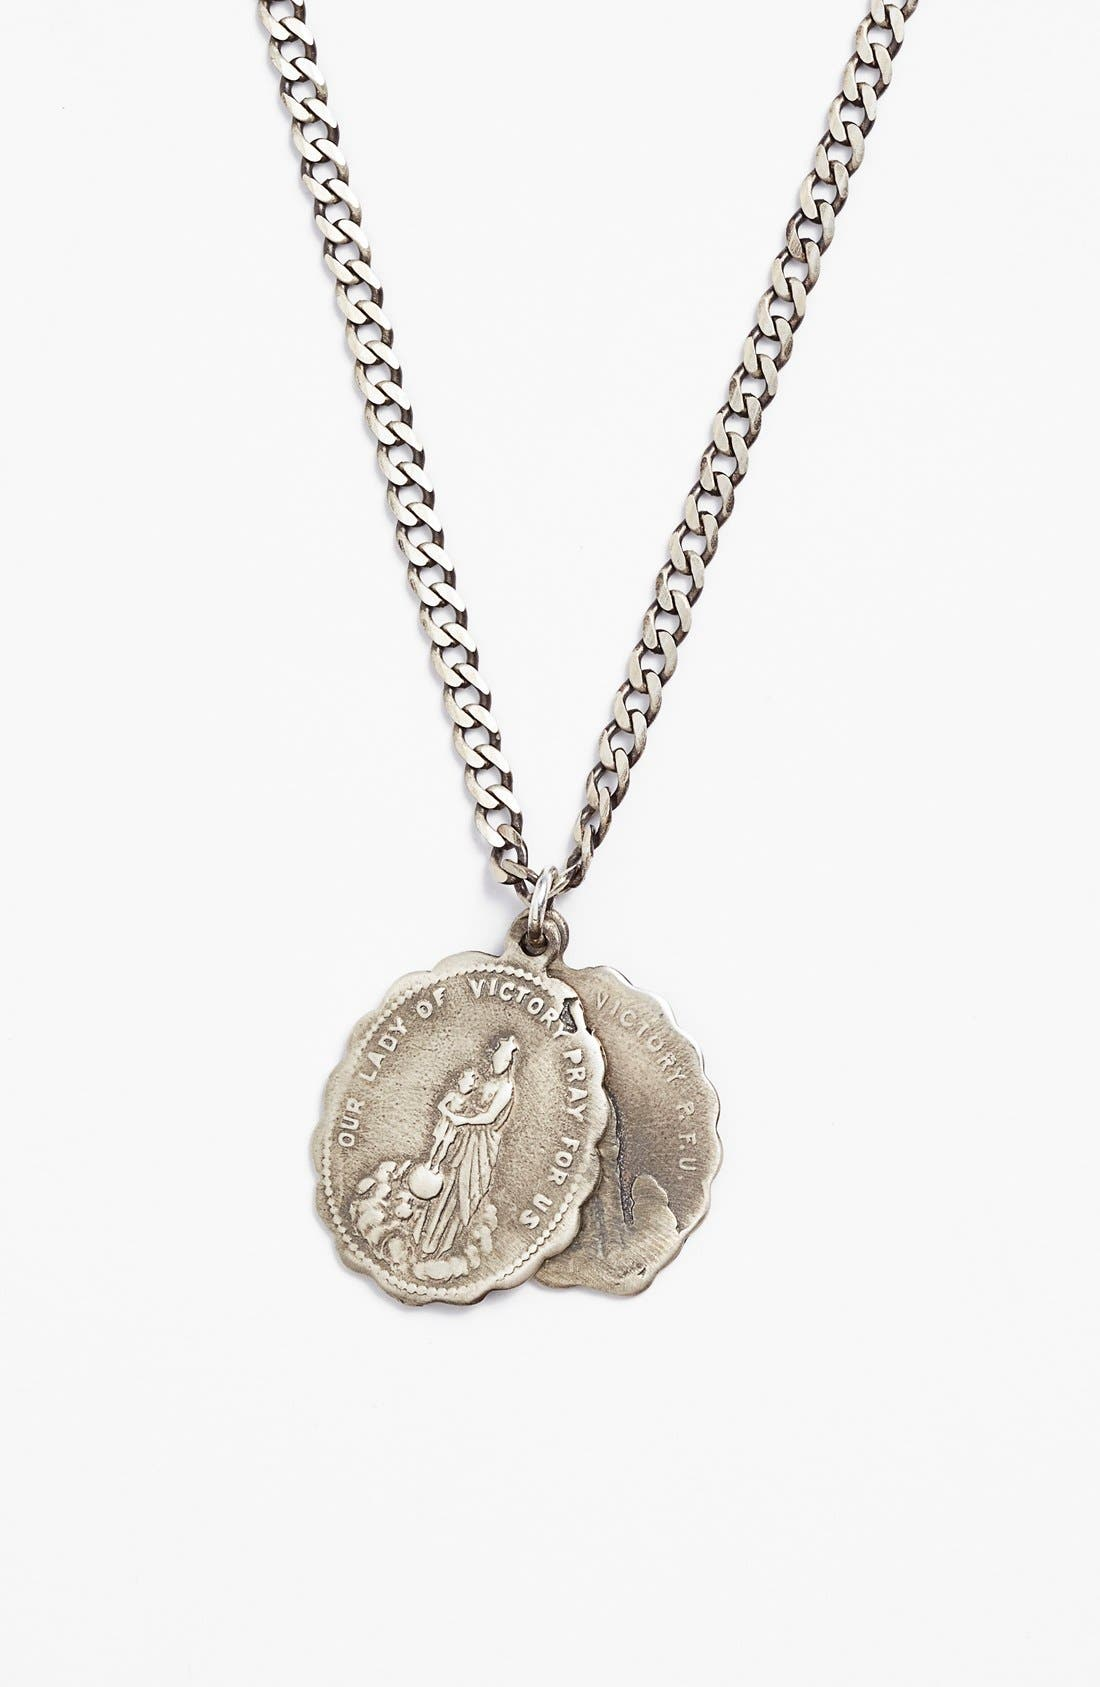 MIANSAI Saints Pendant Necklace